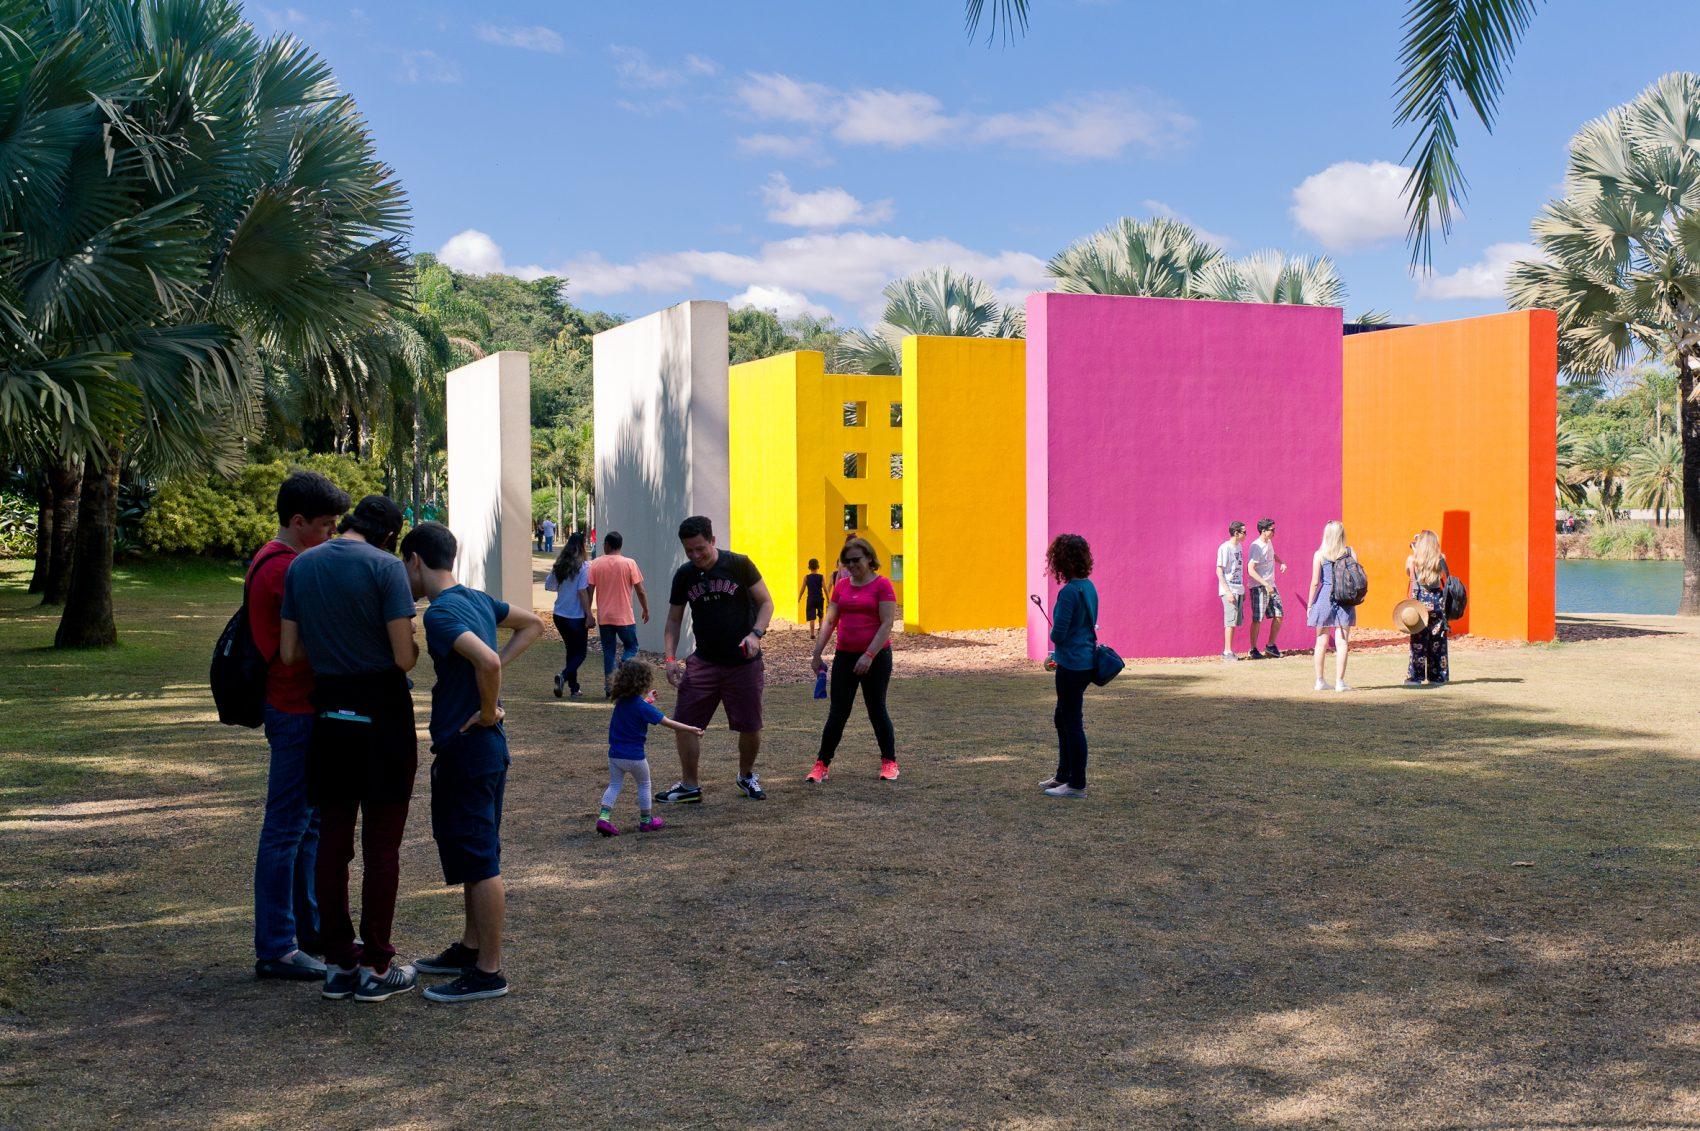 Visitantes em Inhotim: museu fica na cidade de Brumadinho e tem um dos maiores programas de sócios do país (Foto: Divulgação)